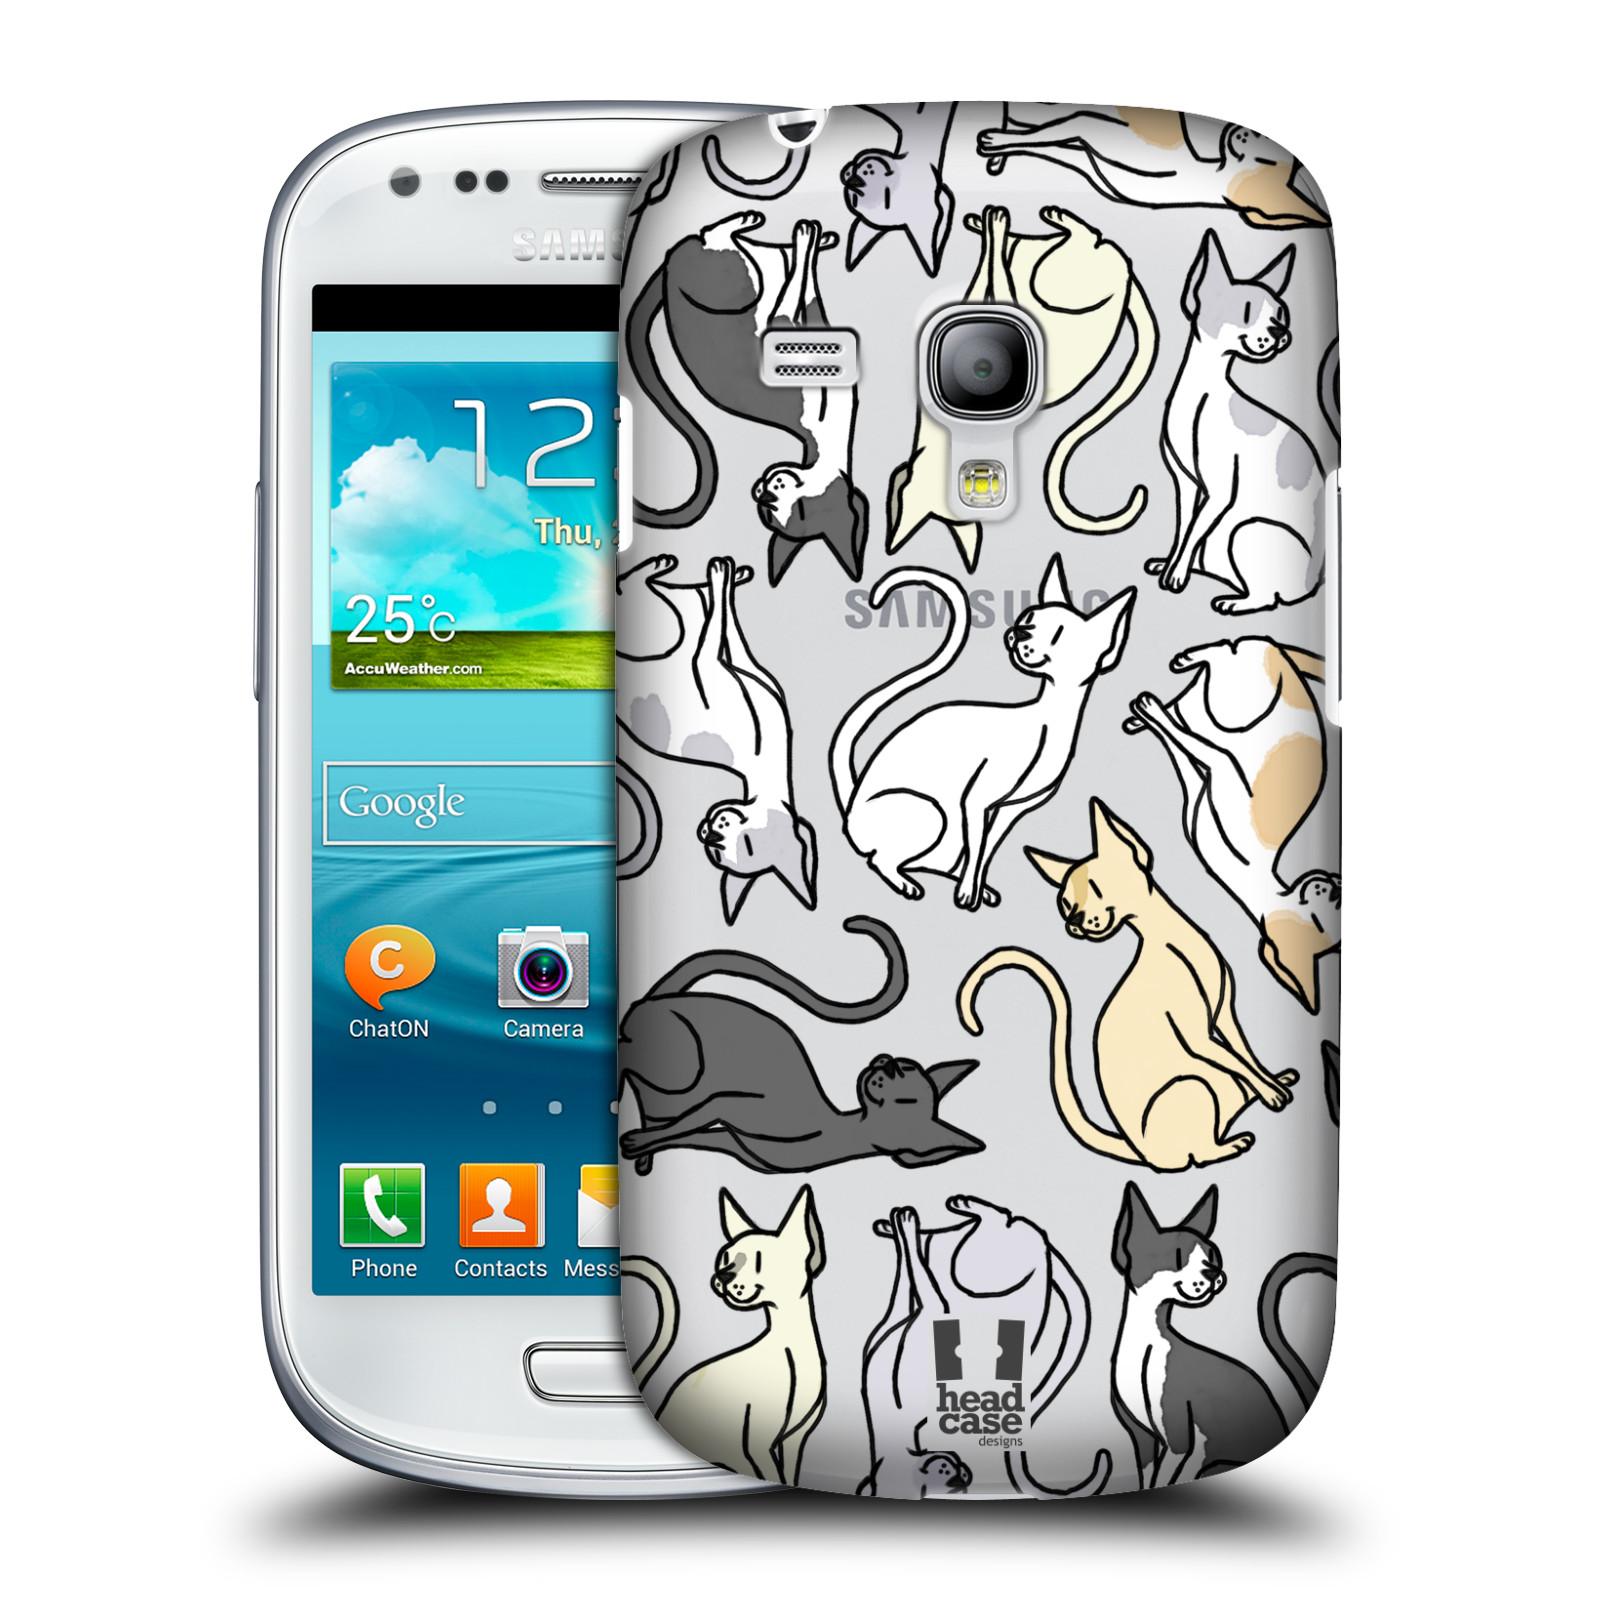 Silikonové pouzdro na mobil Samsung Galaxy S III Mini VE - Head Case - Sphynx kočka (Plastový kryt či obal na mobilní telefon s motivem kočiček pro Samsung Galaxy S3 Mini VE GT-i8200)